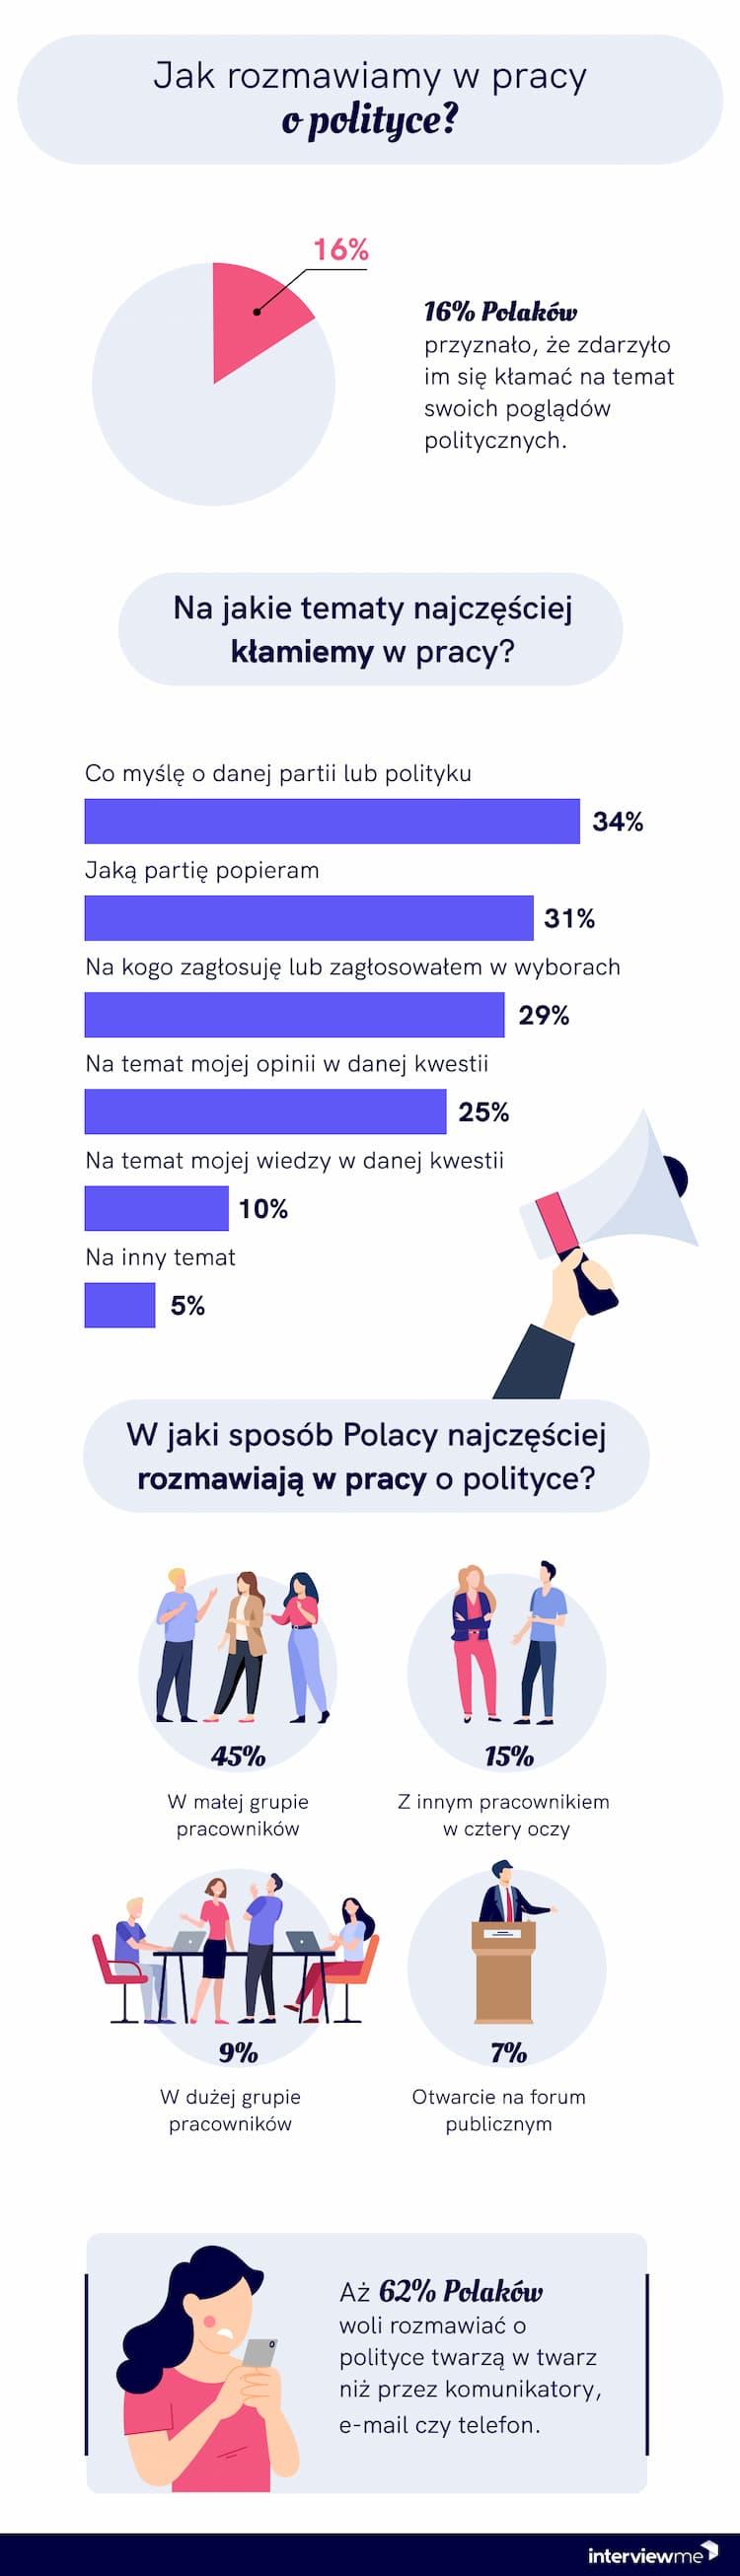 polityka w pracy badanie